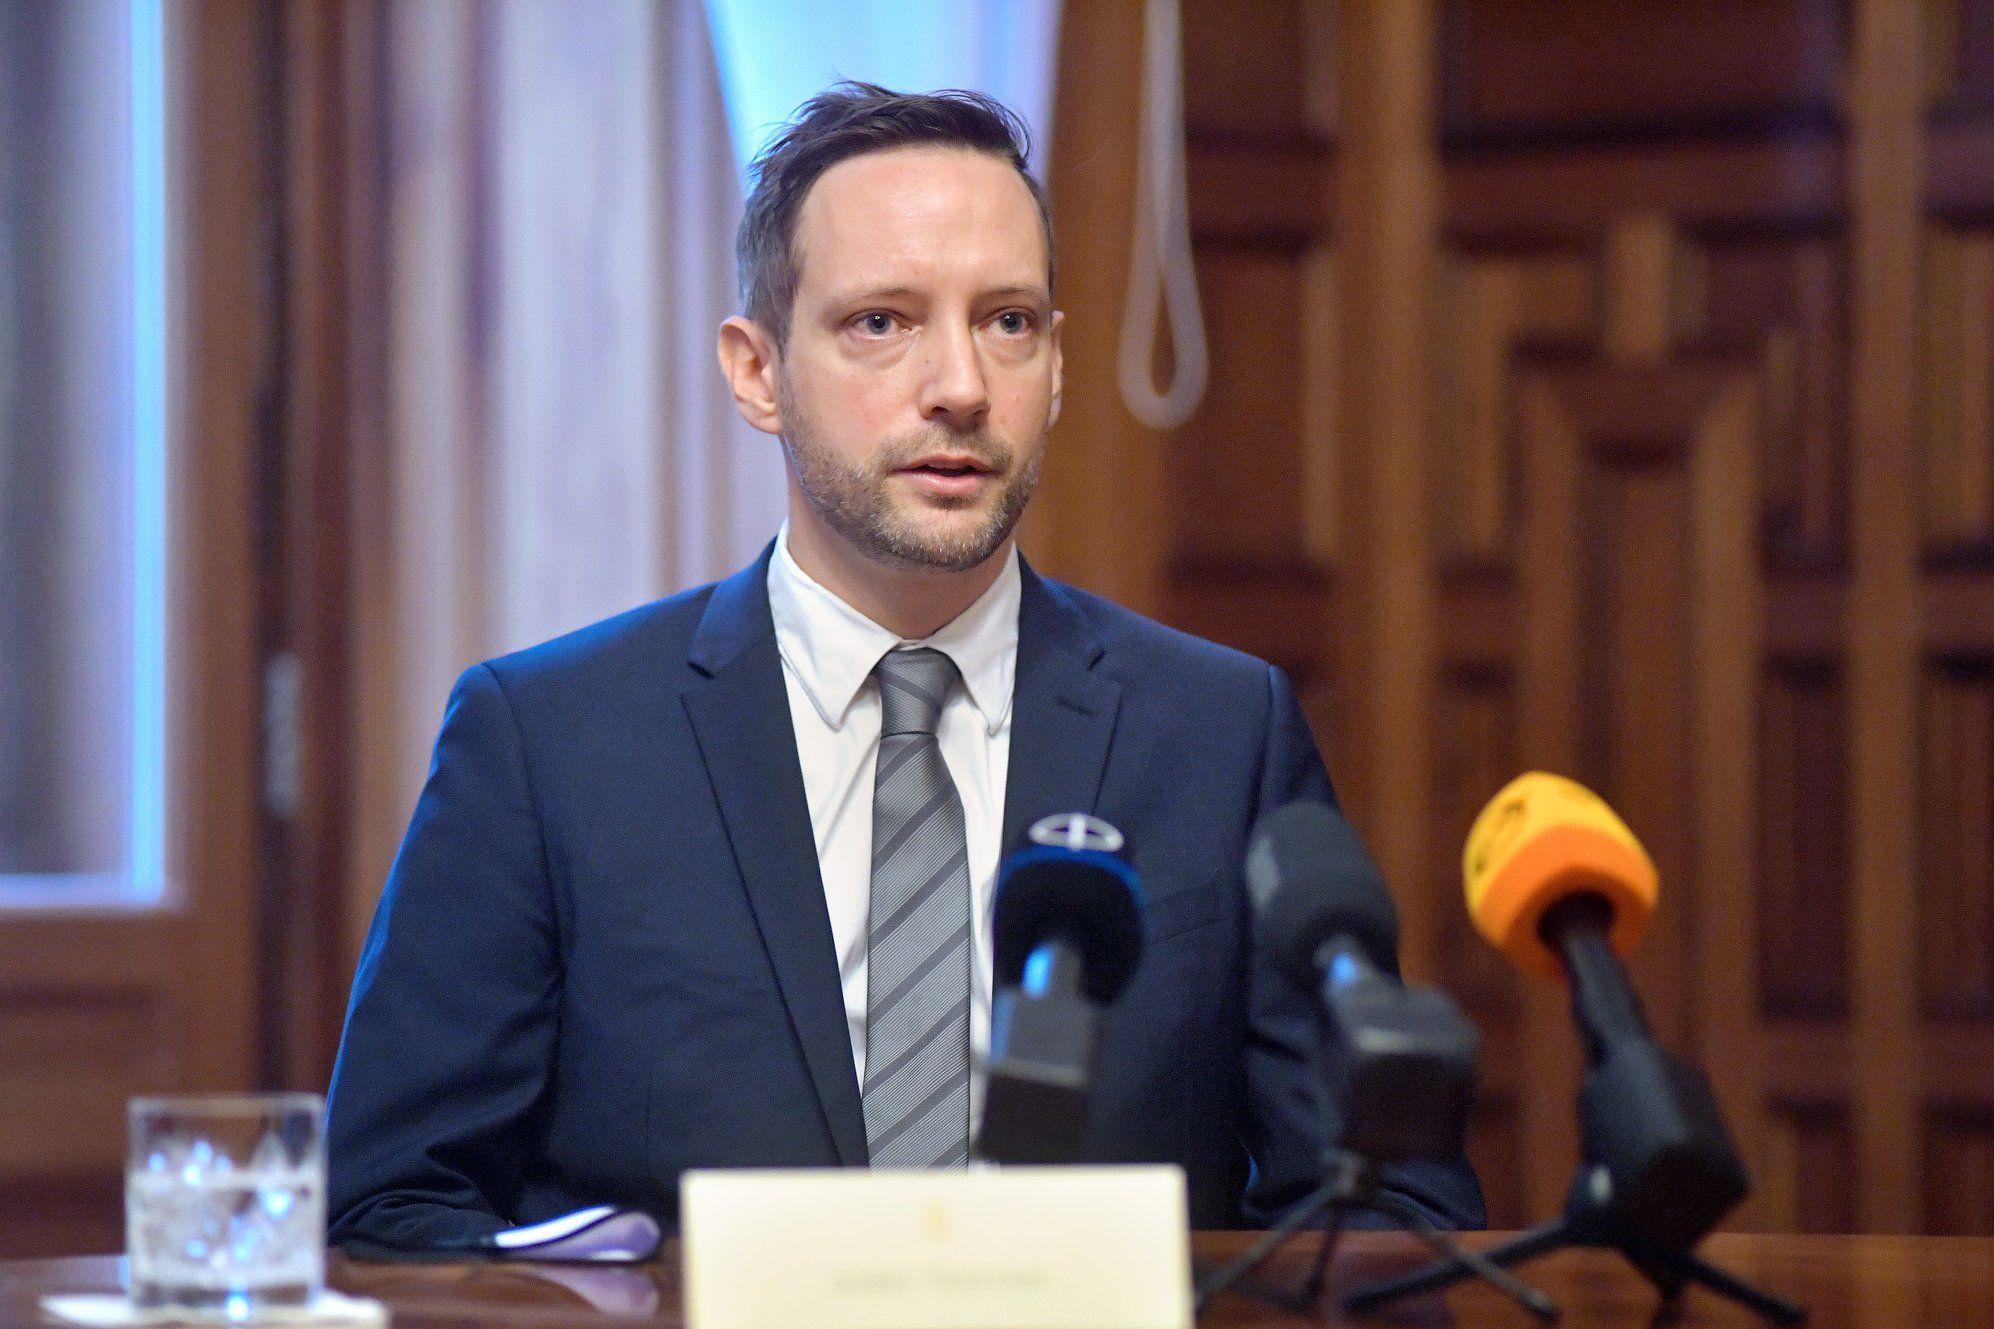 Azbej Tristan: Magyarországon a zsidó-keresztény értékeken alapul a kormányzás – vasarnap.hu